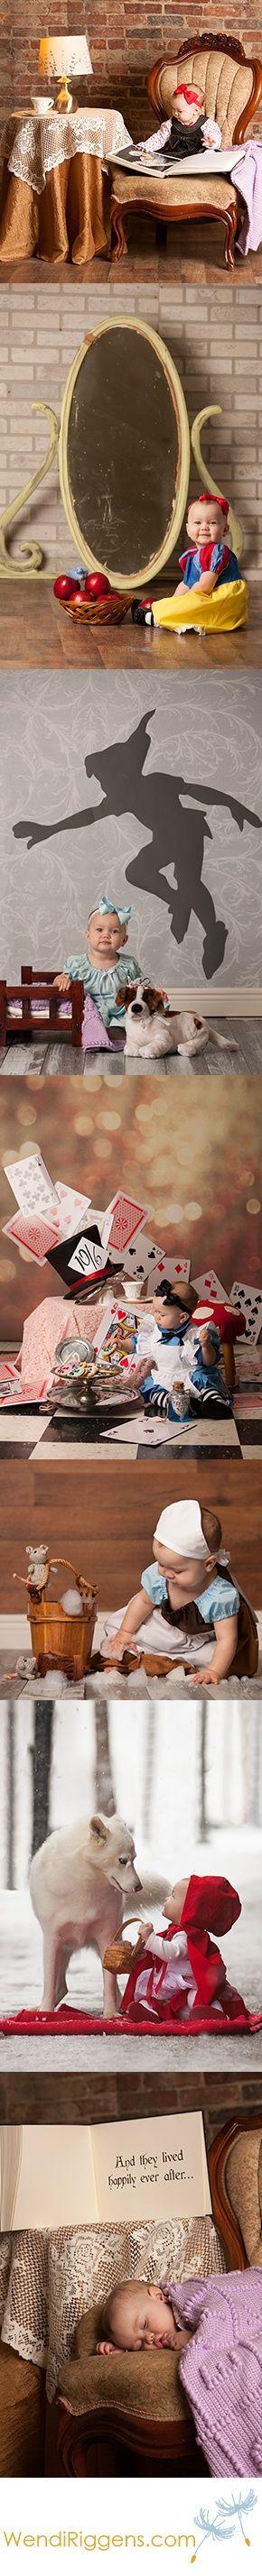 Fotos de Bebê – Contos de Fadas! http://www.mildicasdemae.com.br/2013/01/fotos-de-bebe-contos-de-fadas.html